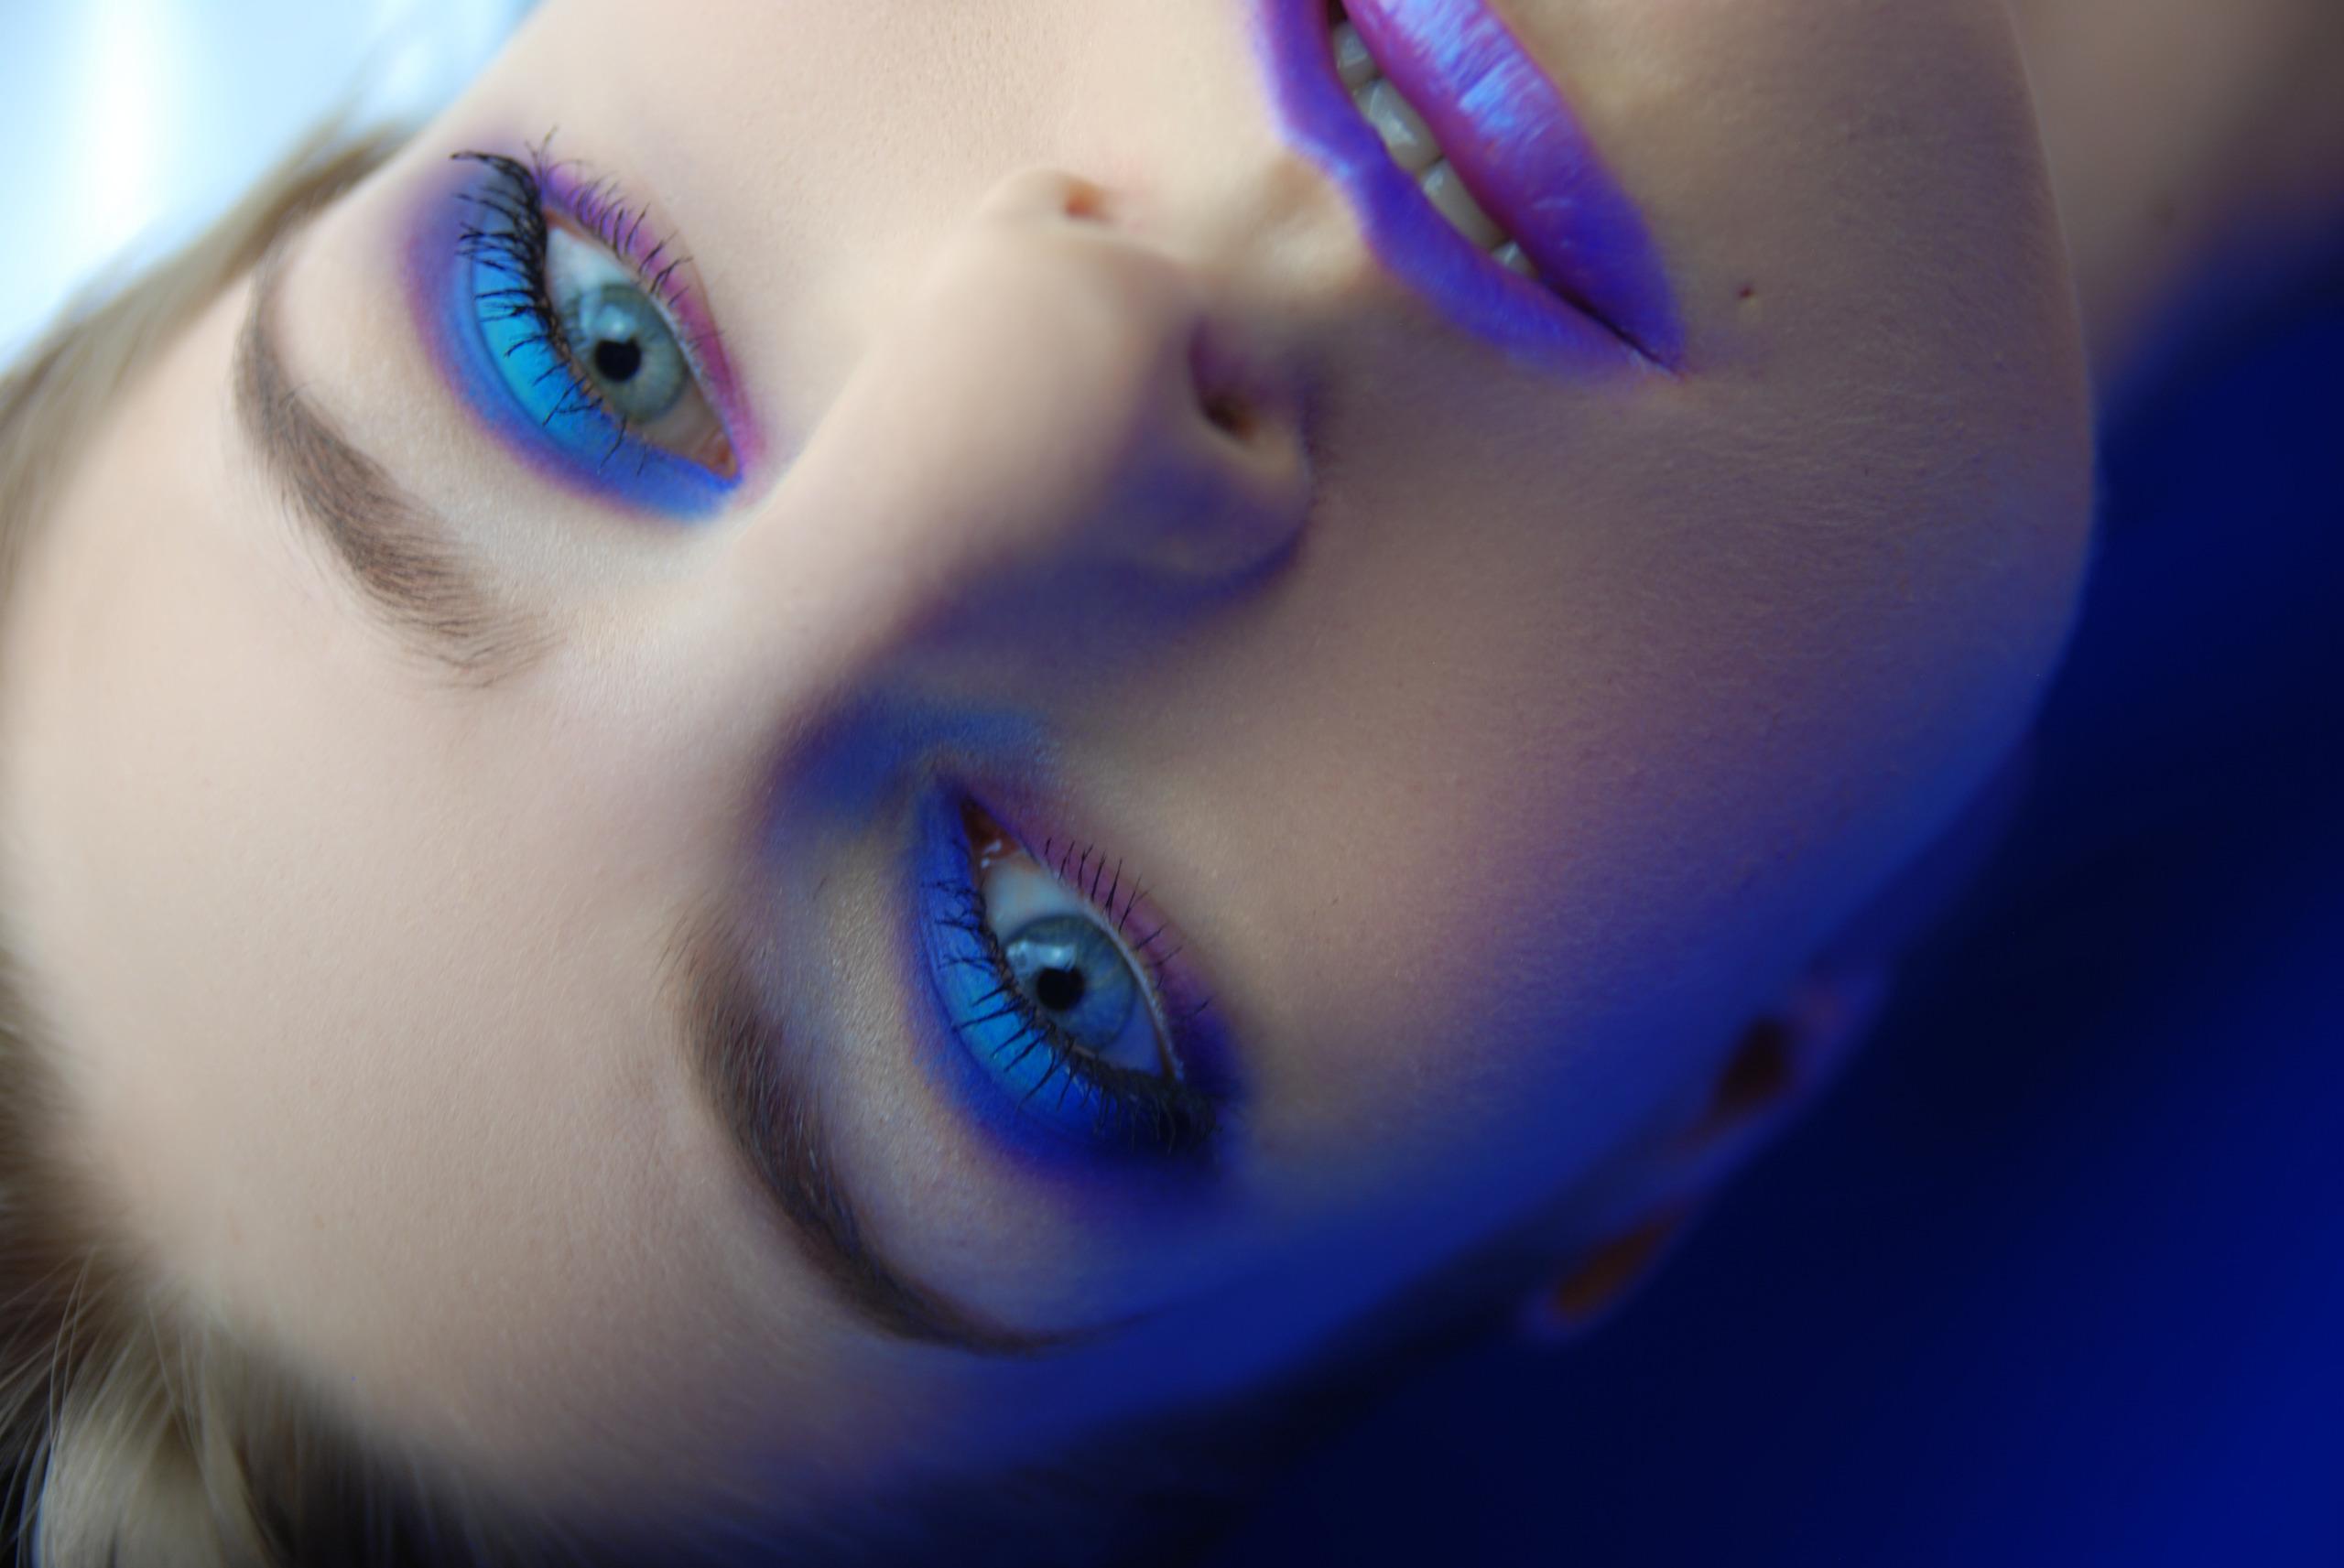 Zdjęcie przedstawia twarz młodej kobiety w makijażu, do góry nogami, z niebieskim światłem padającym na prawą część twarzy.